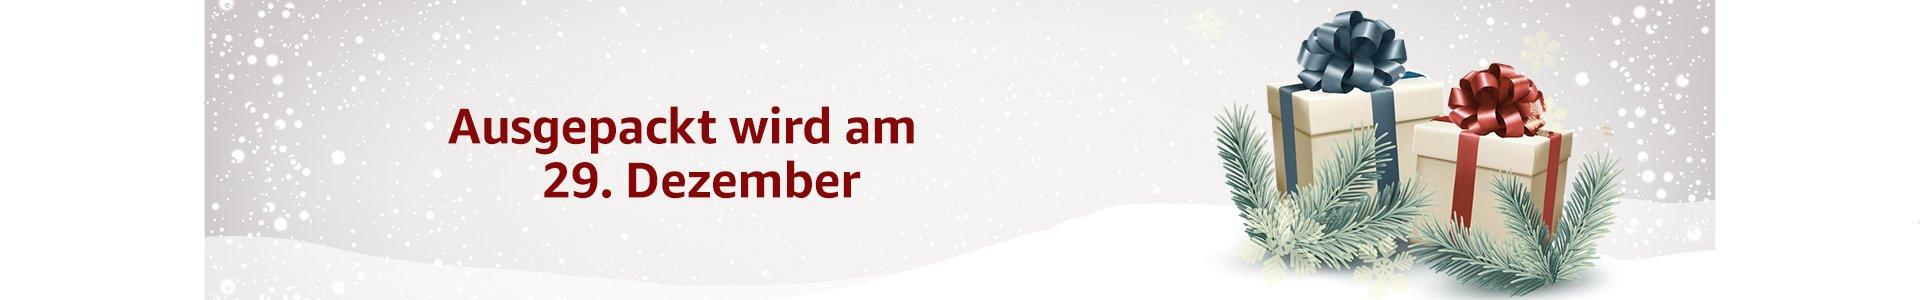 Ausgepackt wird am 29. Dezember